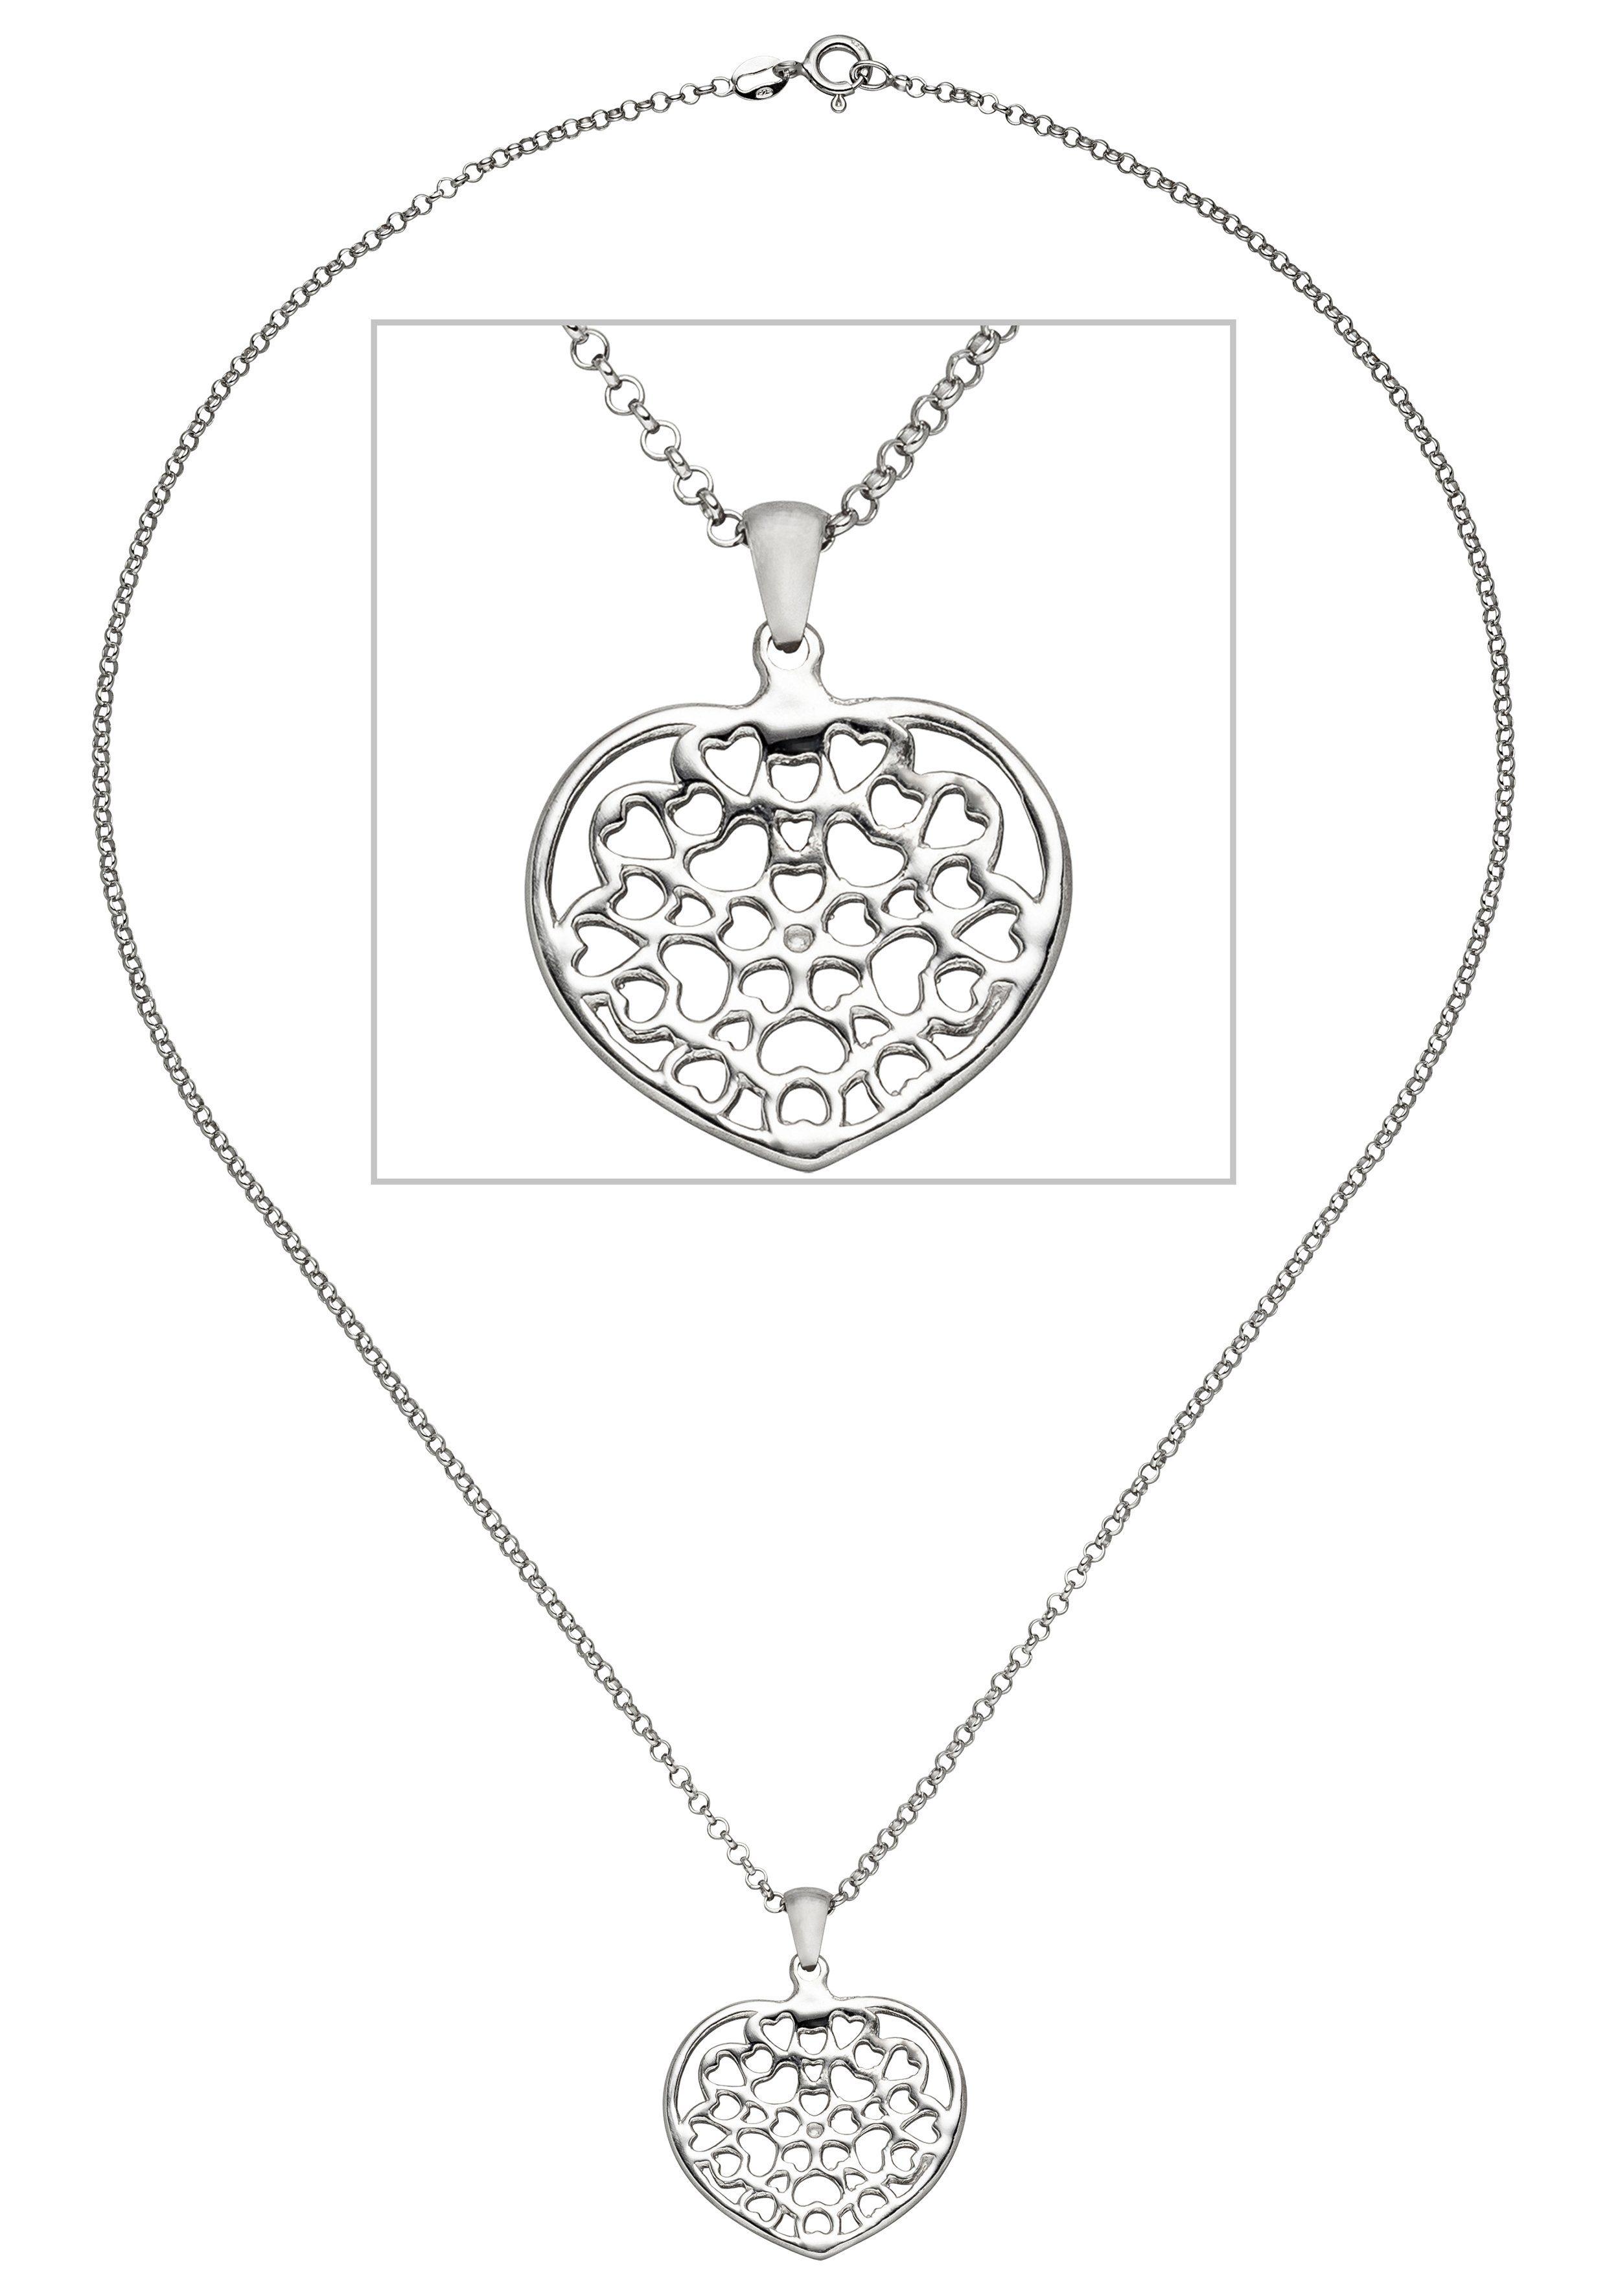 JOBO Kette mit Anhänger Herz 925 Silber 45 cm